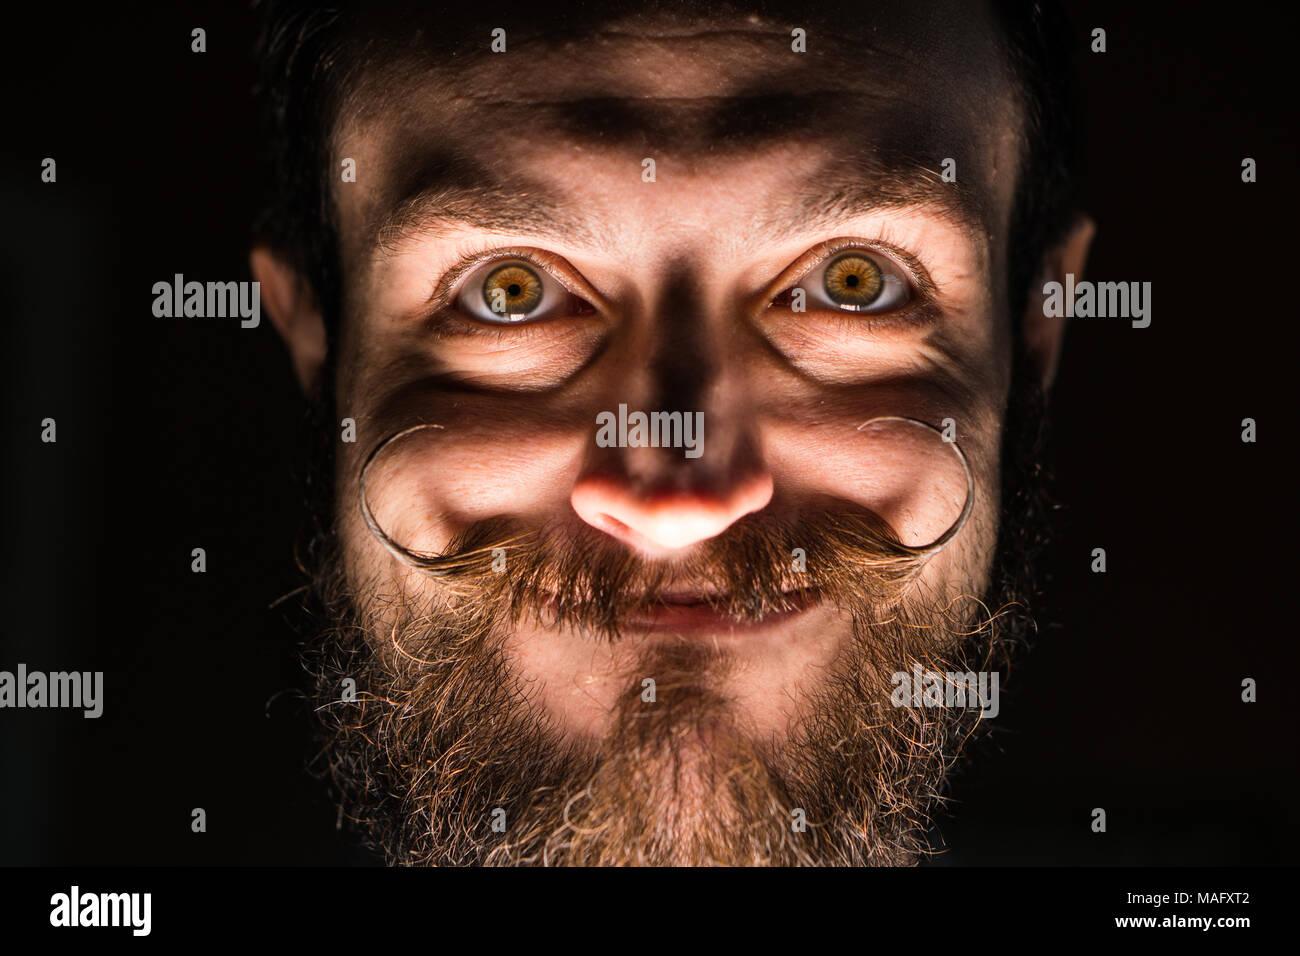 Inventore hipster con la barba e Mustages in camera oscura. Sorridente trickster. Immagini Stock